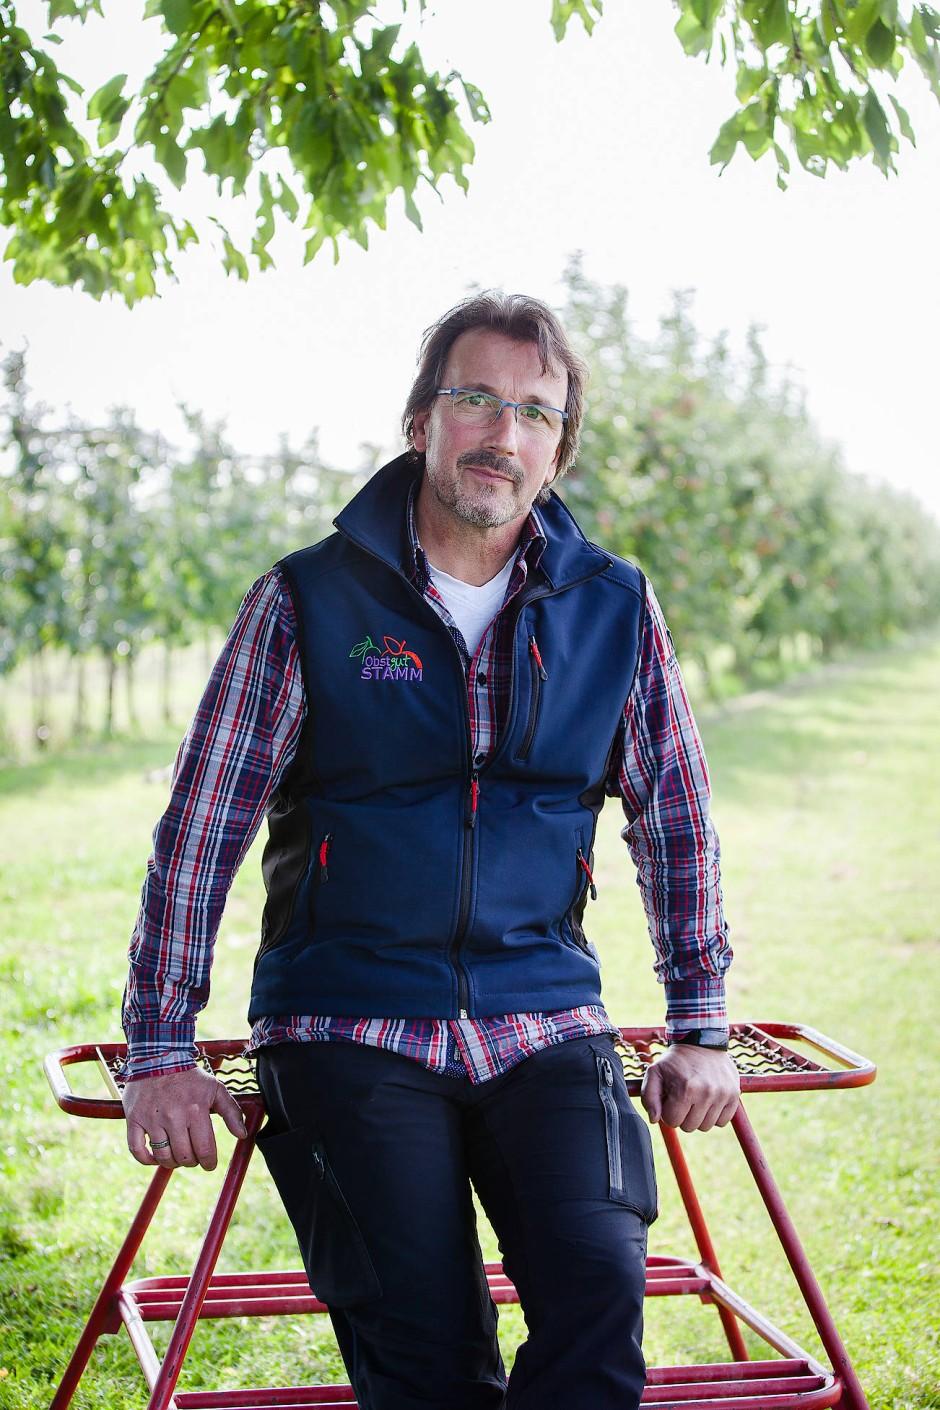 Stets vorbereitet auf den Ernstfall: Andreas Stamm auf seiner Apfelplantage